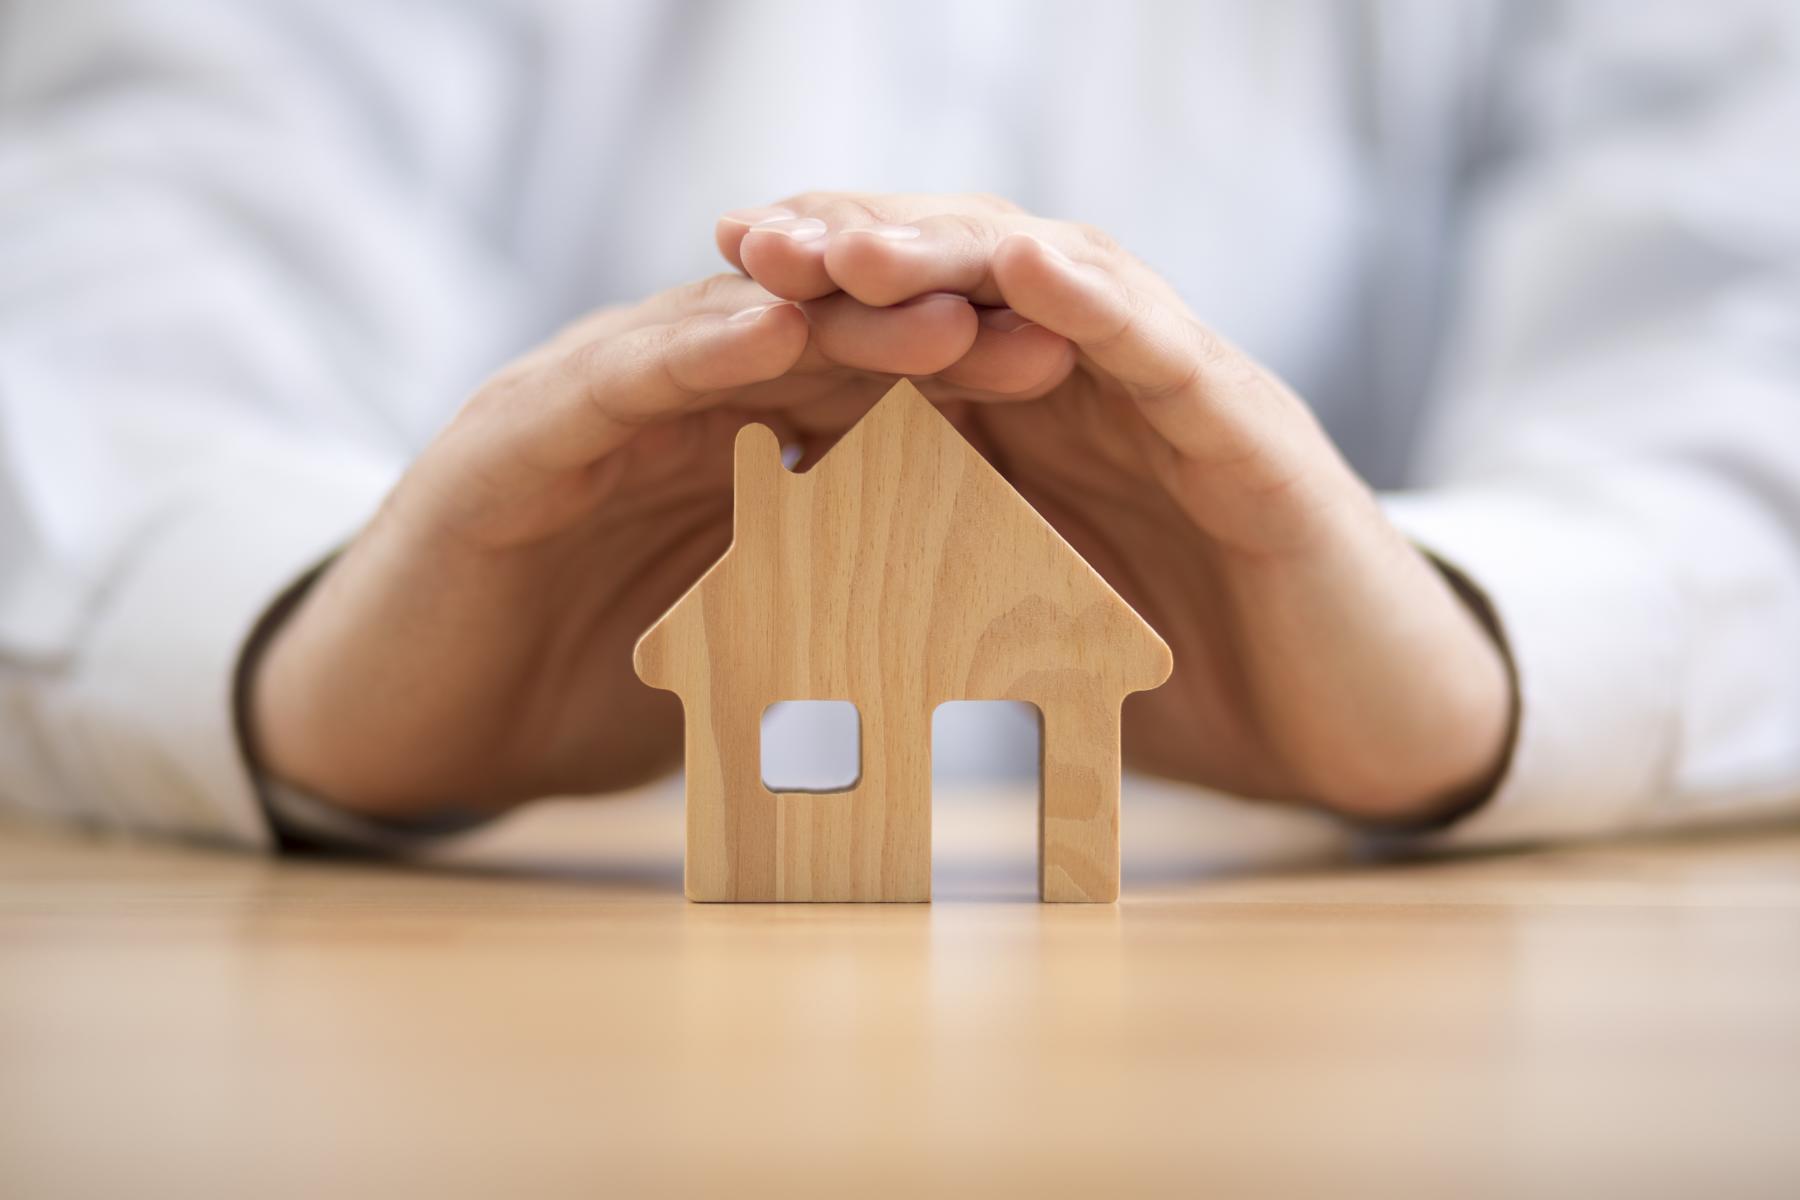 Gebäudeversicherung: Was sollten Sie bei der Absicherung Ihres Hauses beachten? - BERATUNG.DE